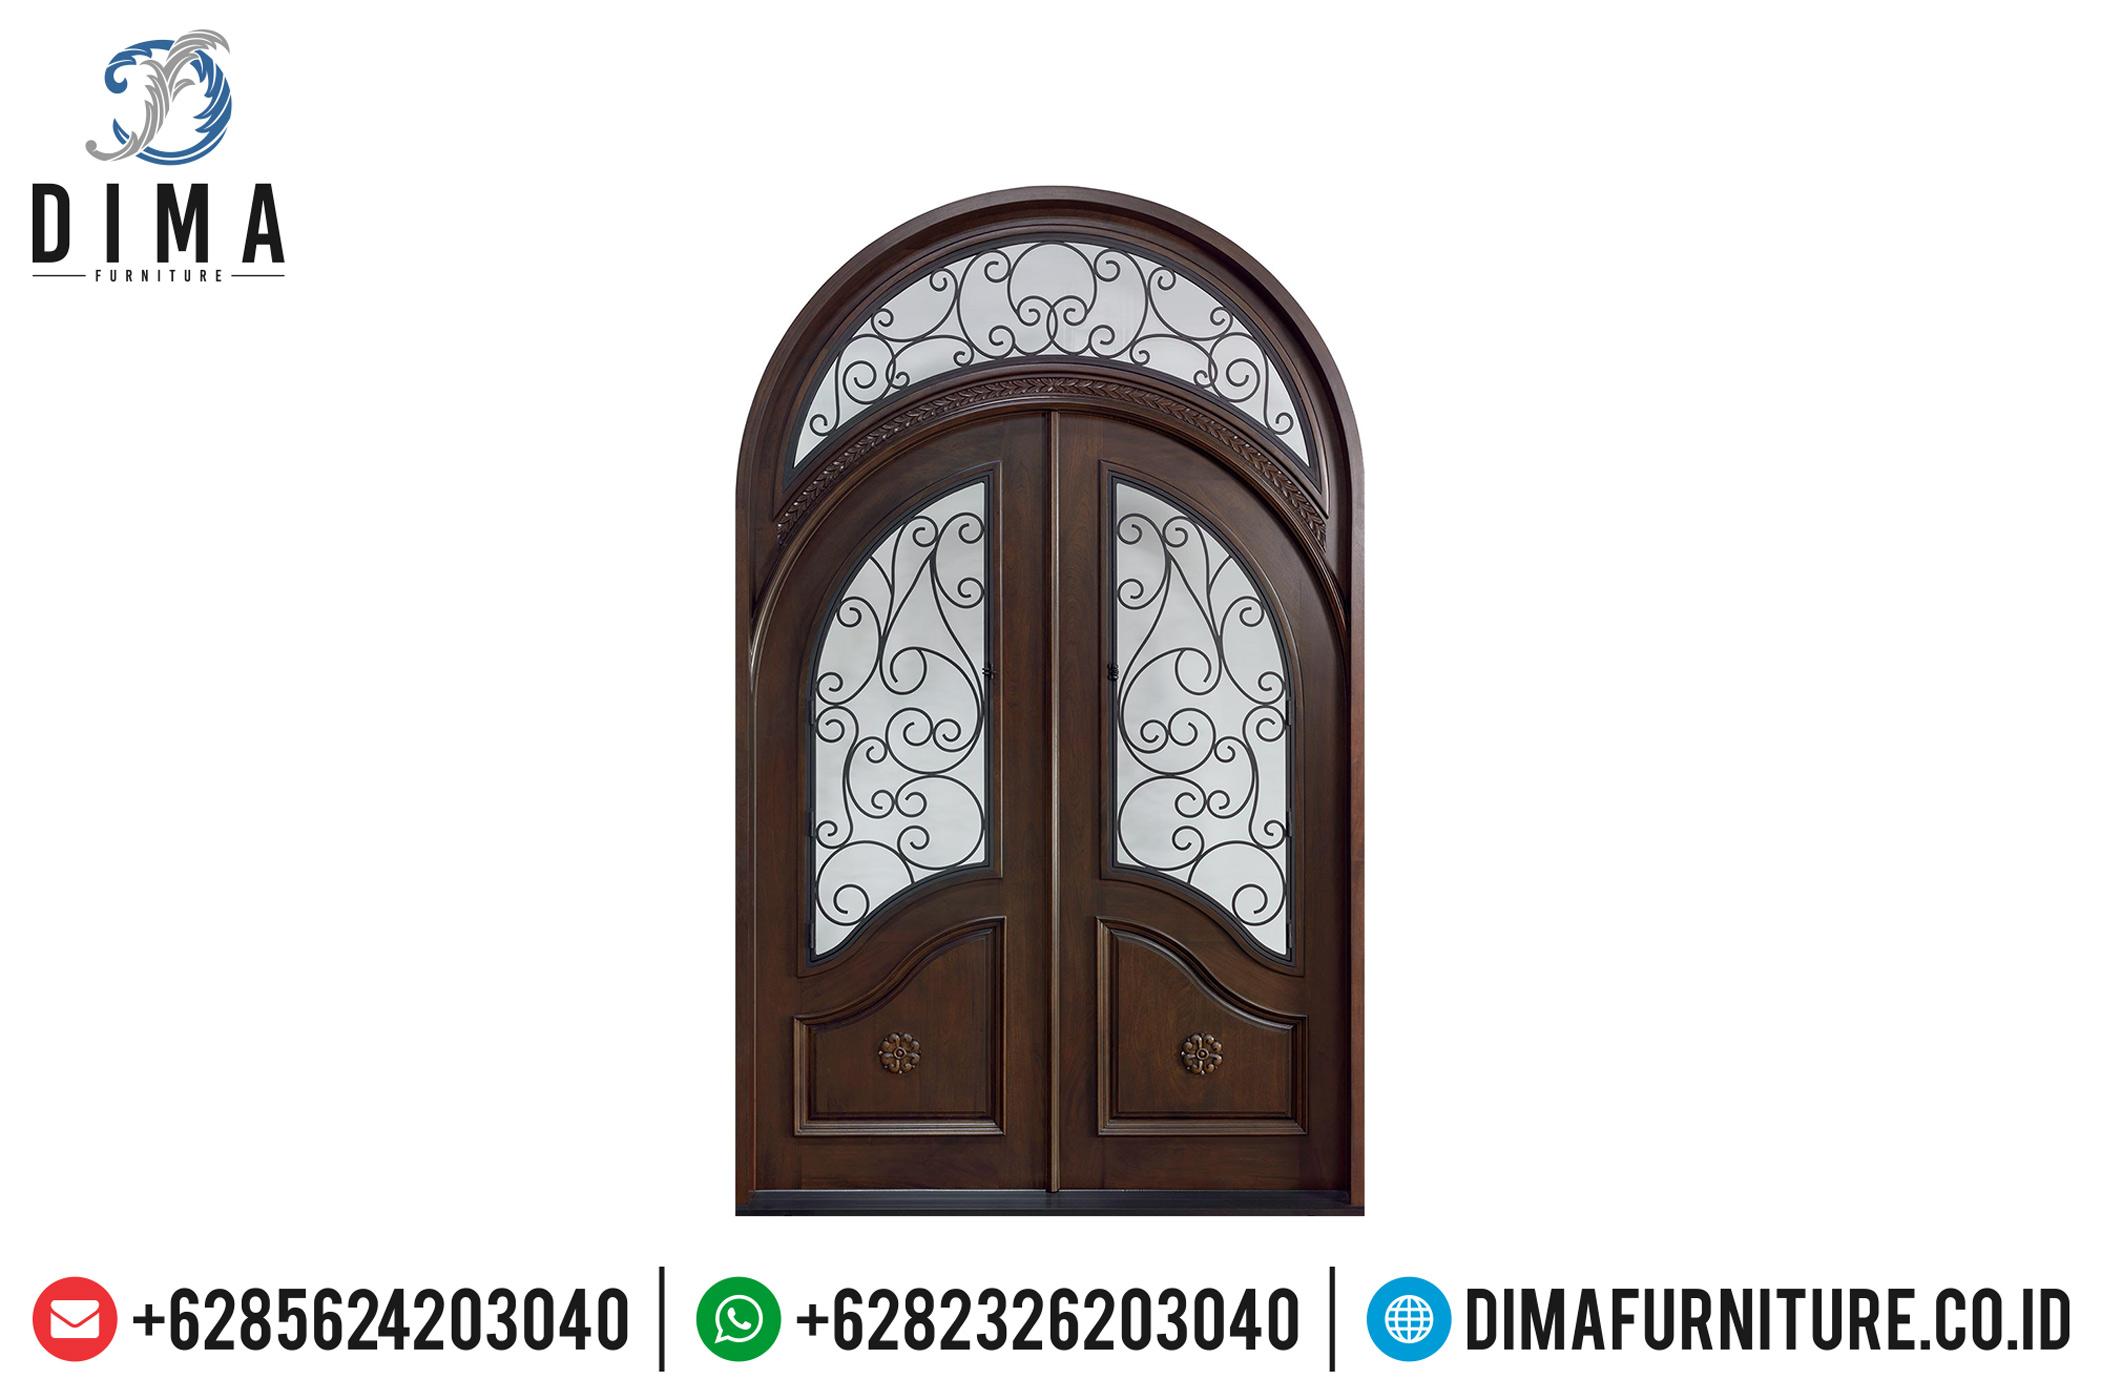 Model Pintu Jati Jepara, Pintu Rumah Mewah, Kusen Pintu Utama Jati DF-0847